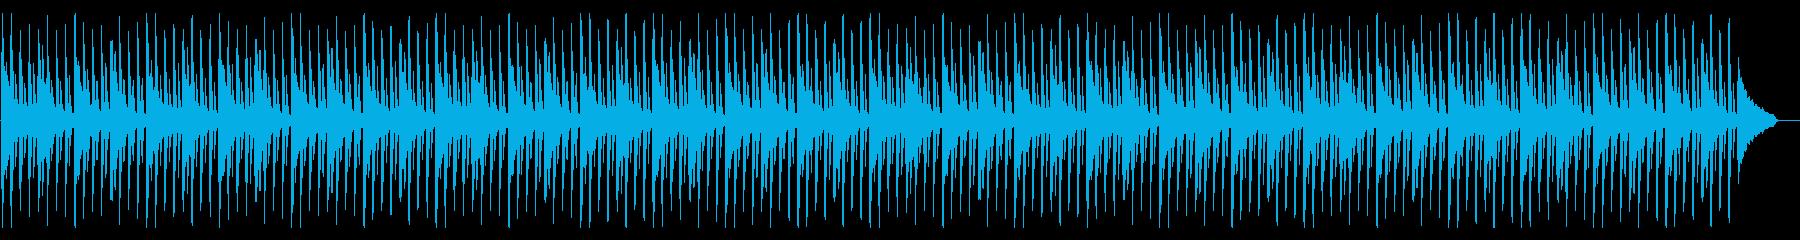 企業VPに モダンで爽やかなピアノポップの再生済みの波形